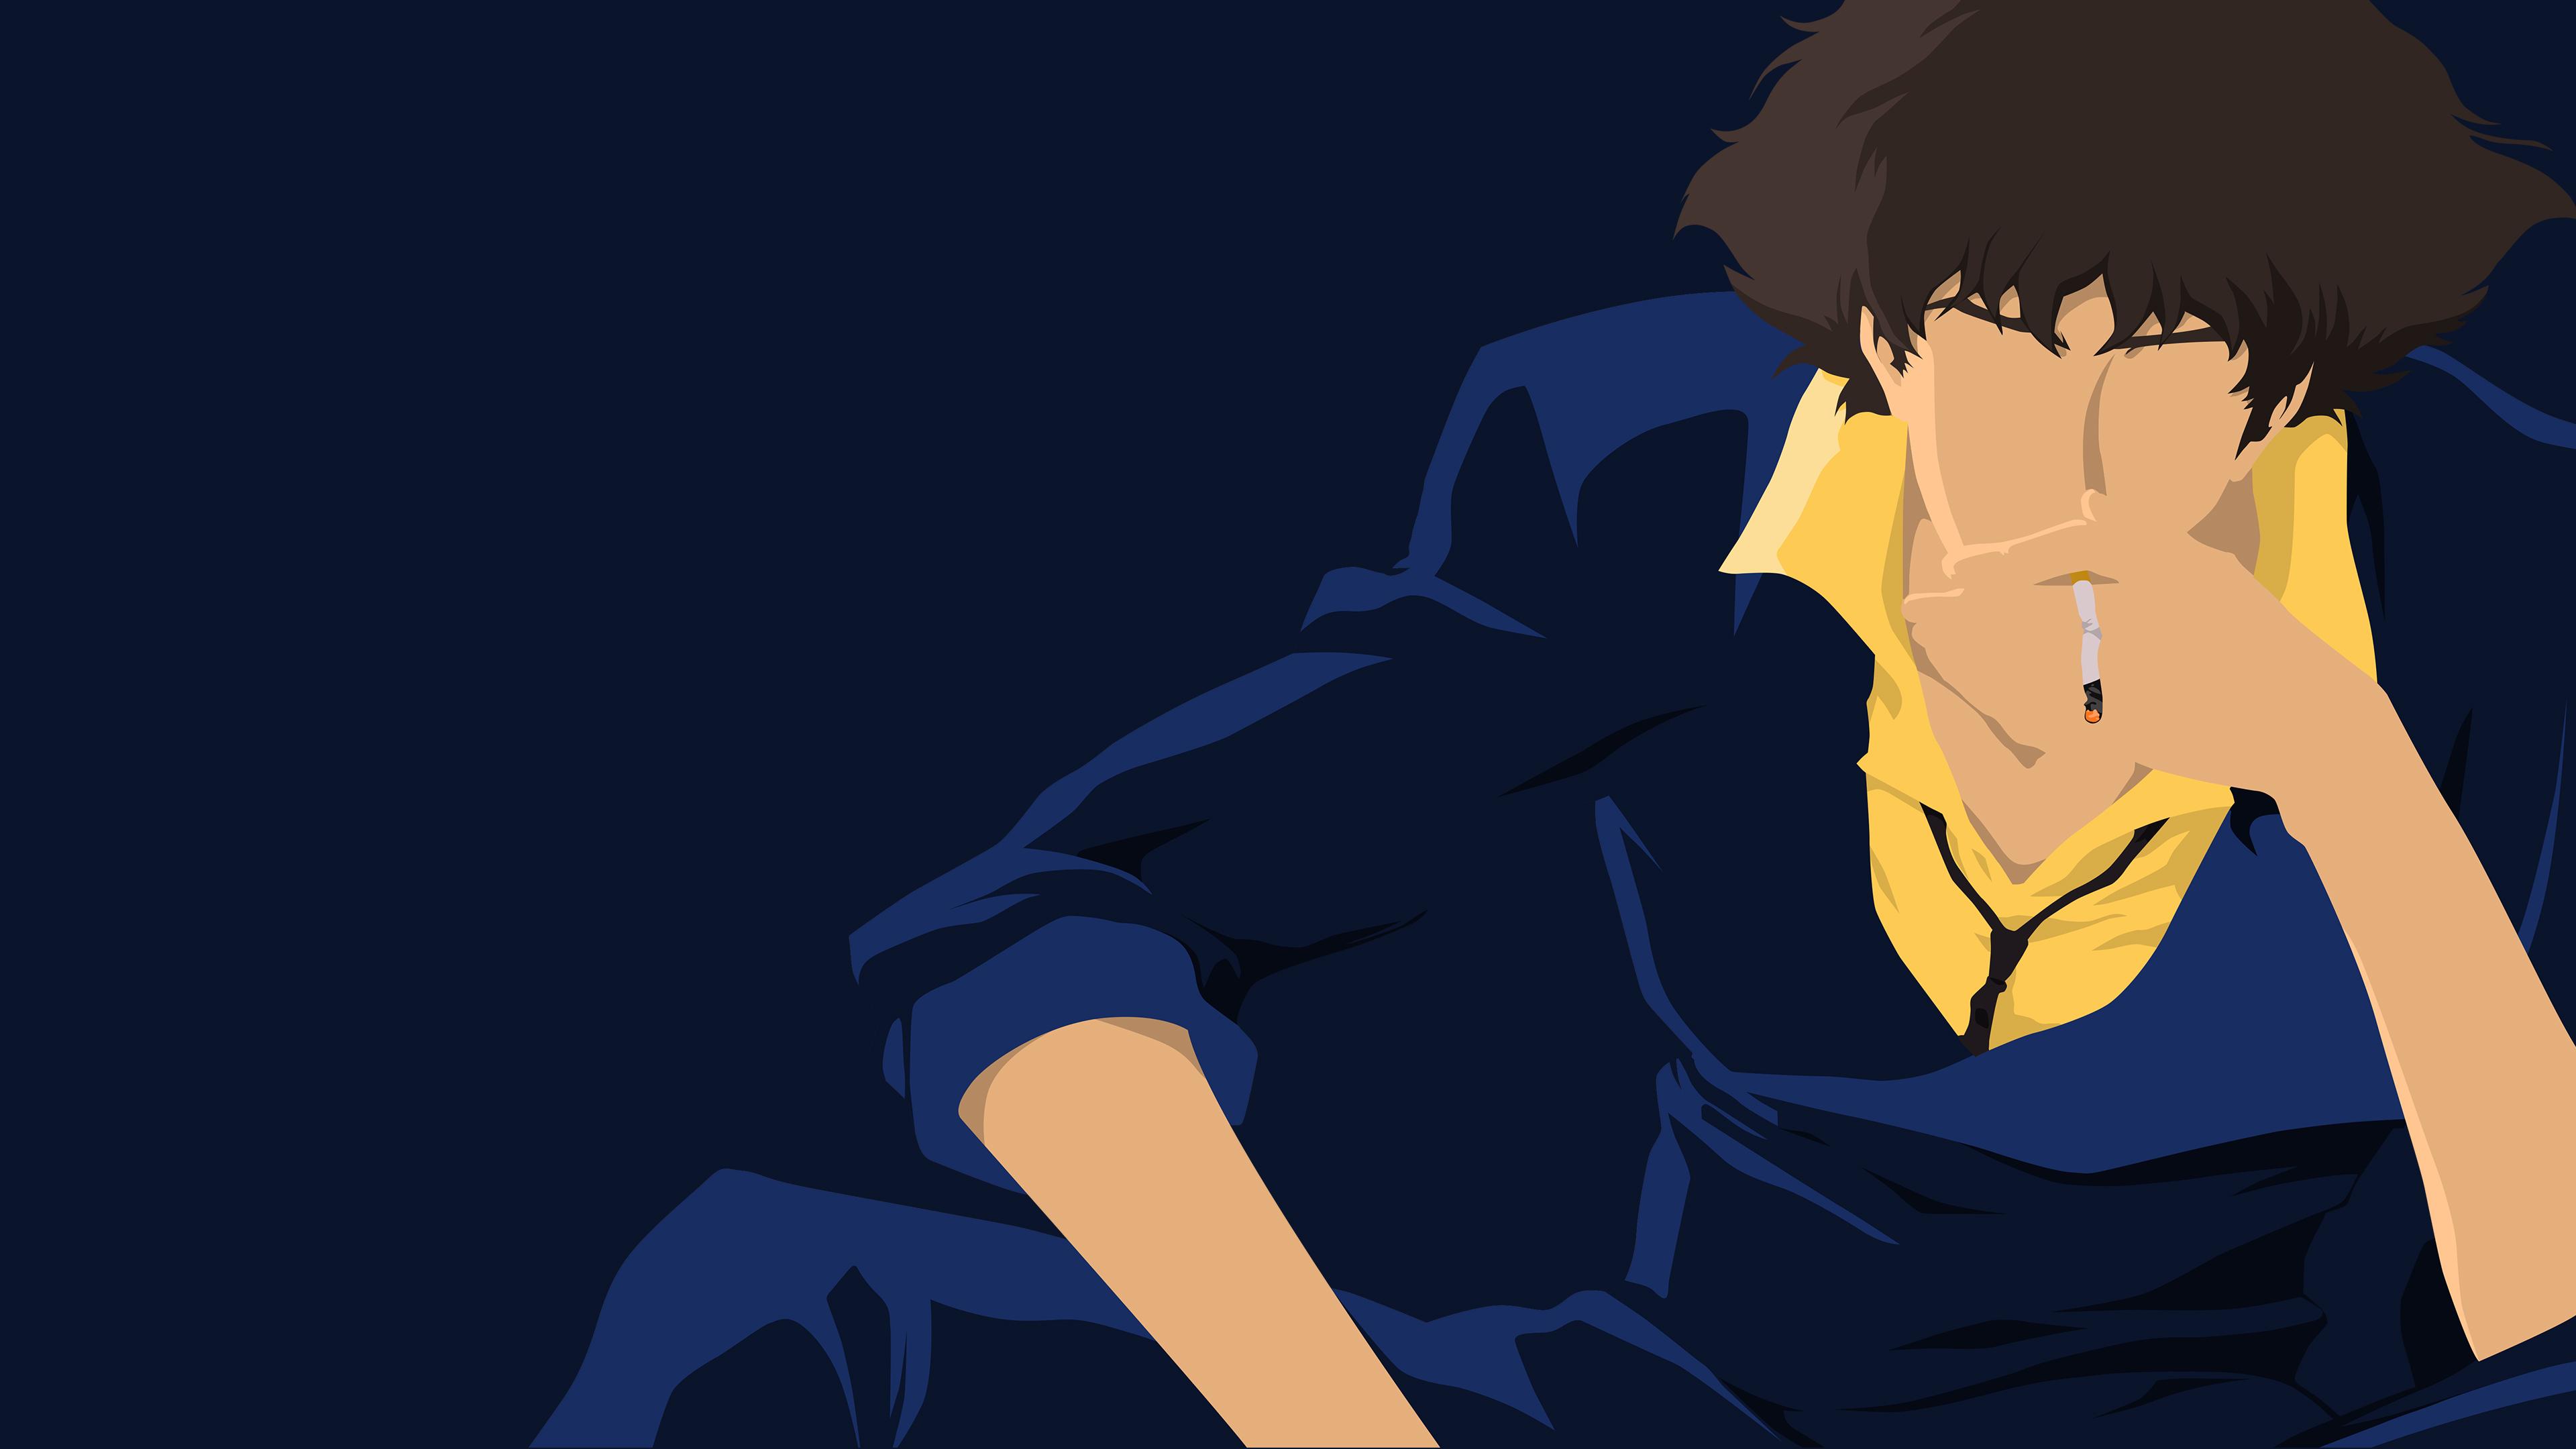 Spike Spiegel Dark Blue Wallpaper by tonyp2121 3840x2160